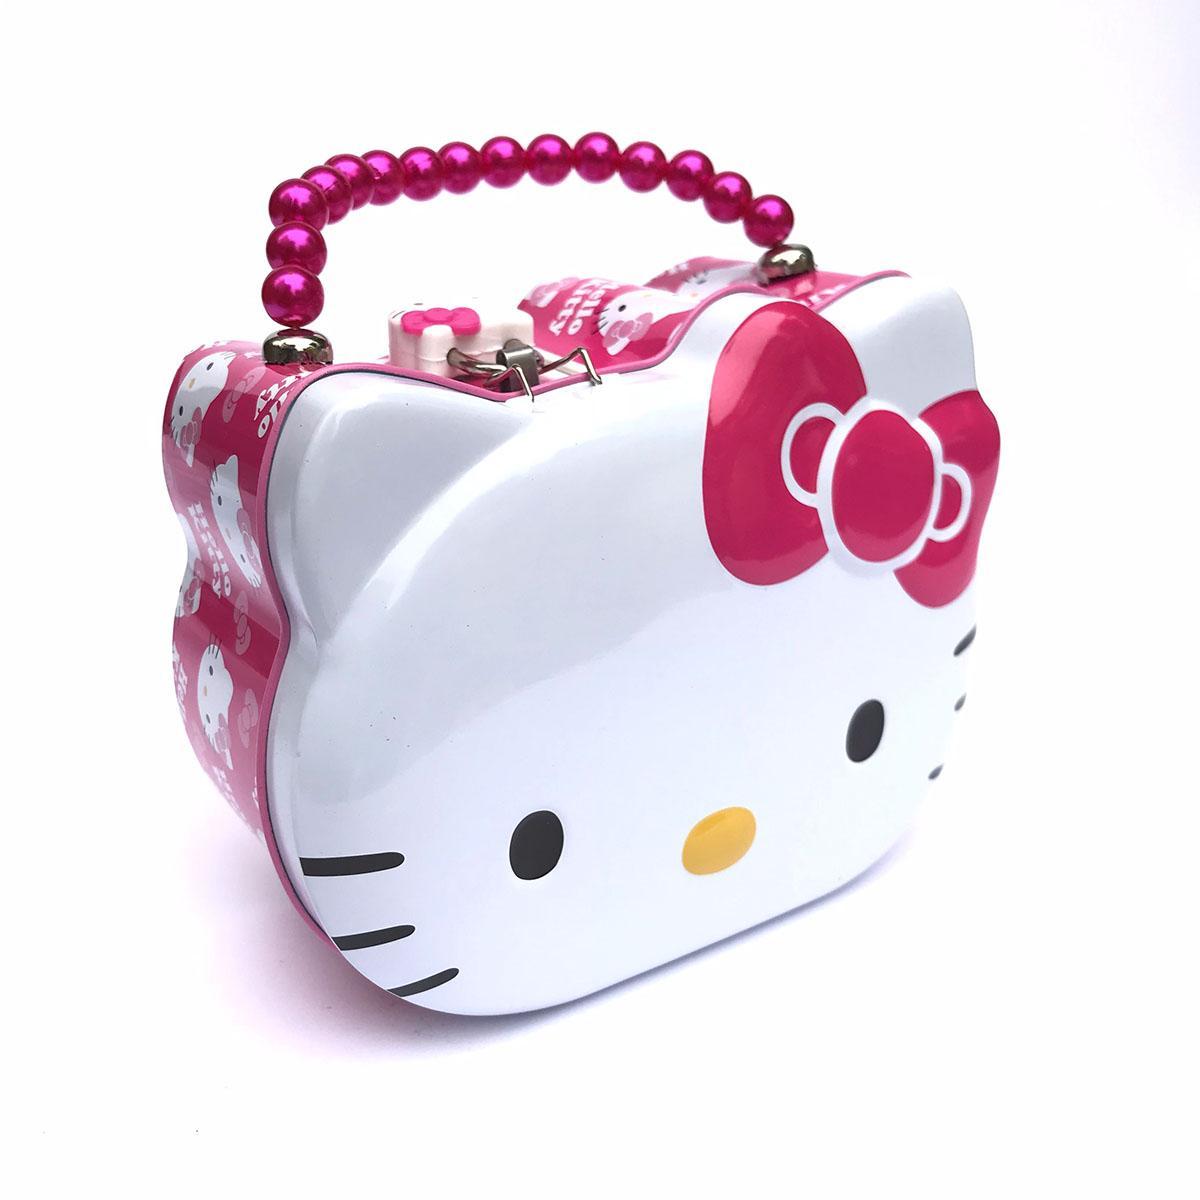 Hộp Tiết Kiệm Tiền Hello Kitty Có Khóa - Két Sắt Mini Kích Thước 15x15x8cm